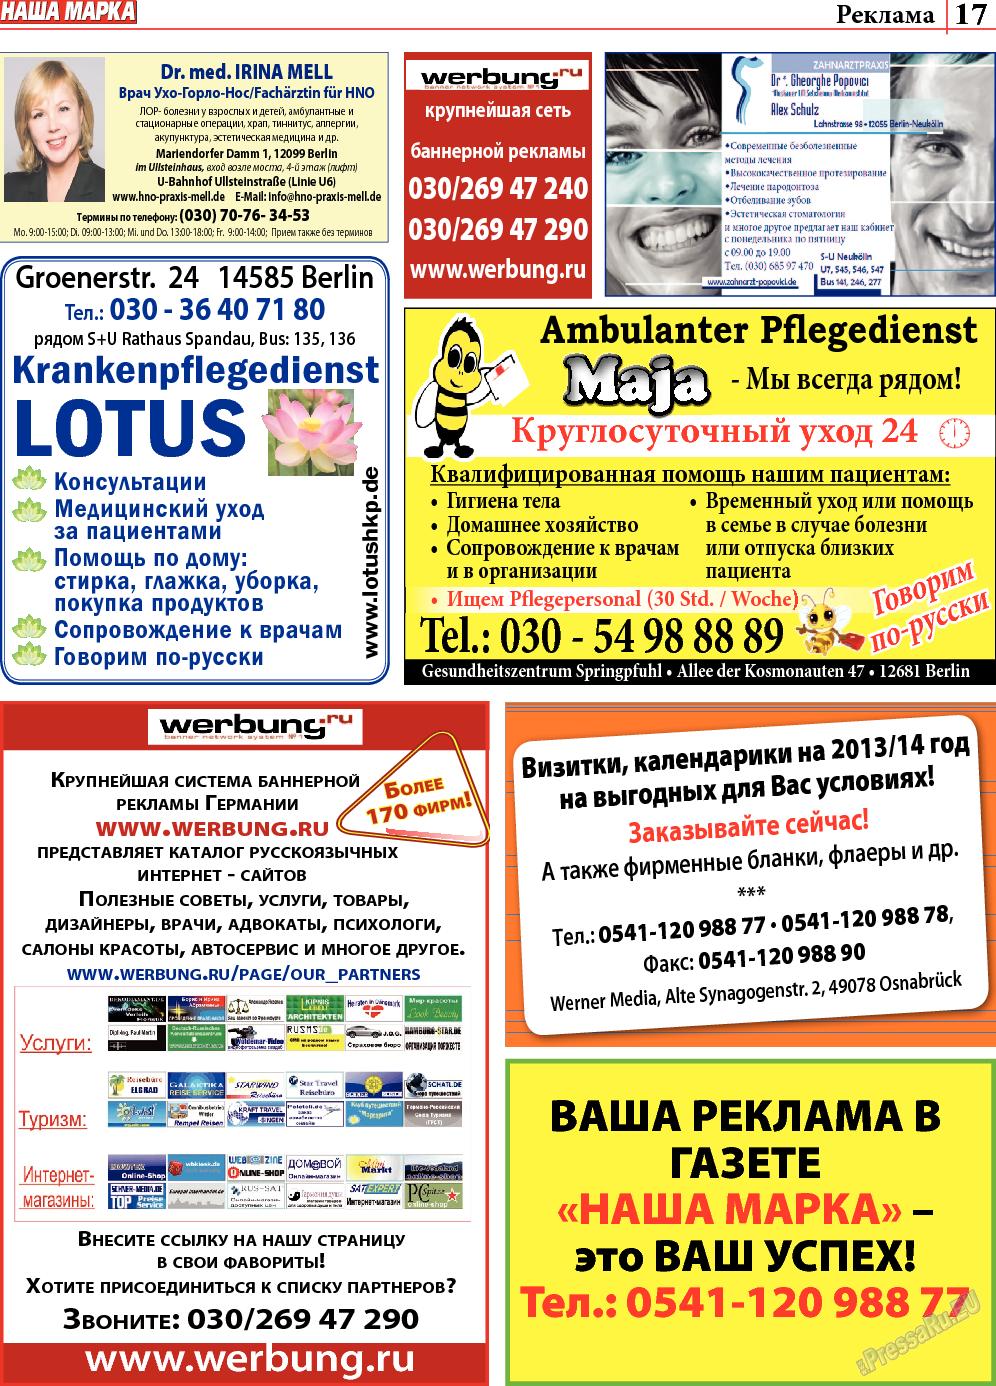 Наша марка (газета). 2013 год, номер 9, стр. 17